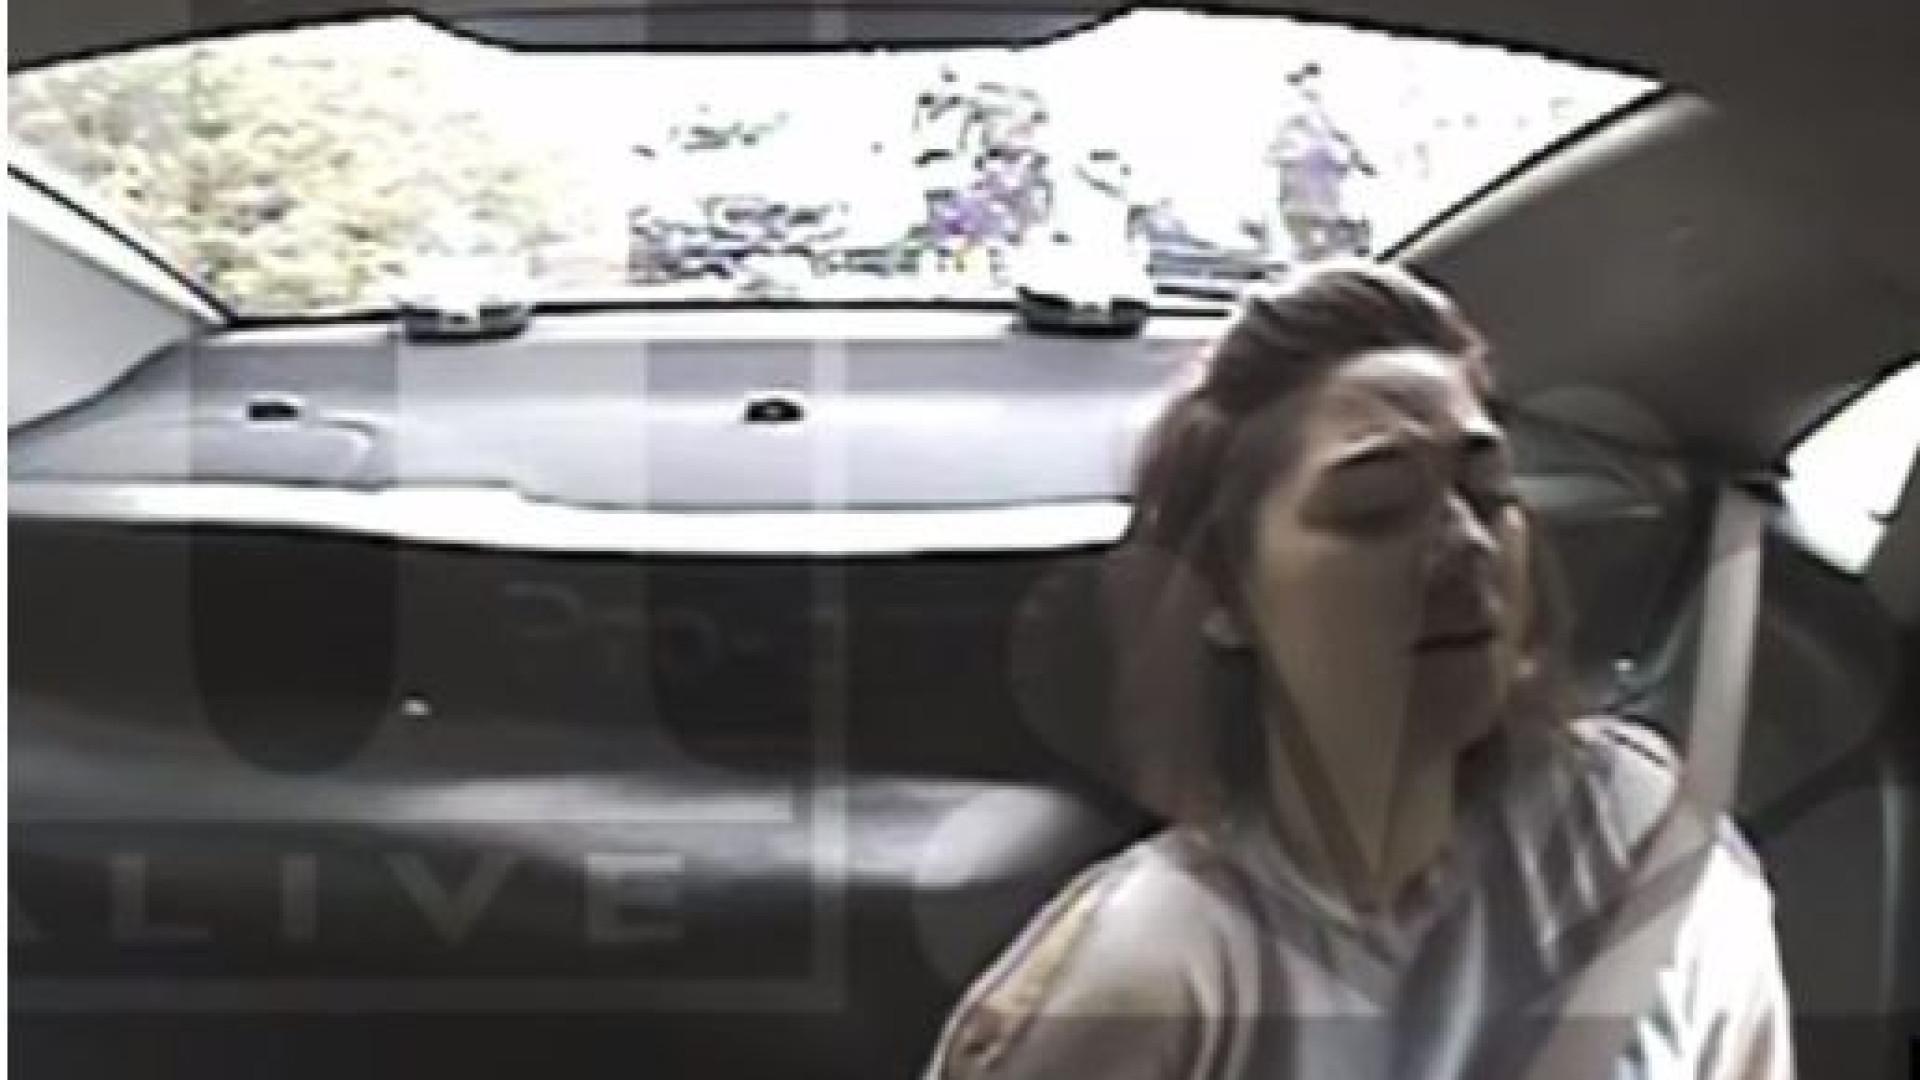 Polícias jogam 'cara ou coroa' para decidir se prendem ou não mulher